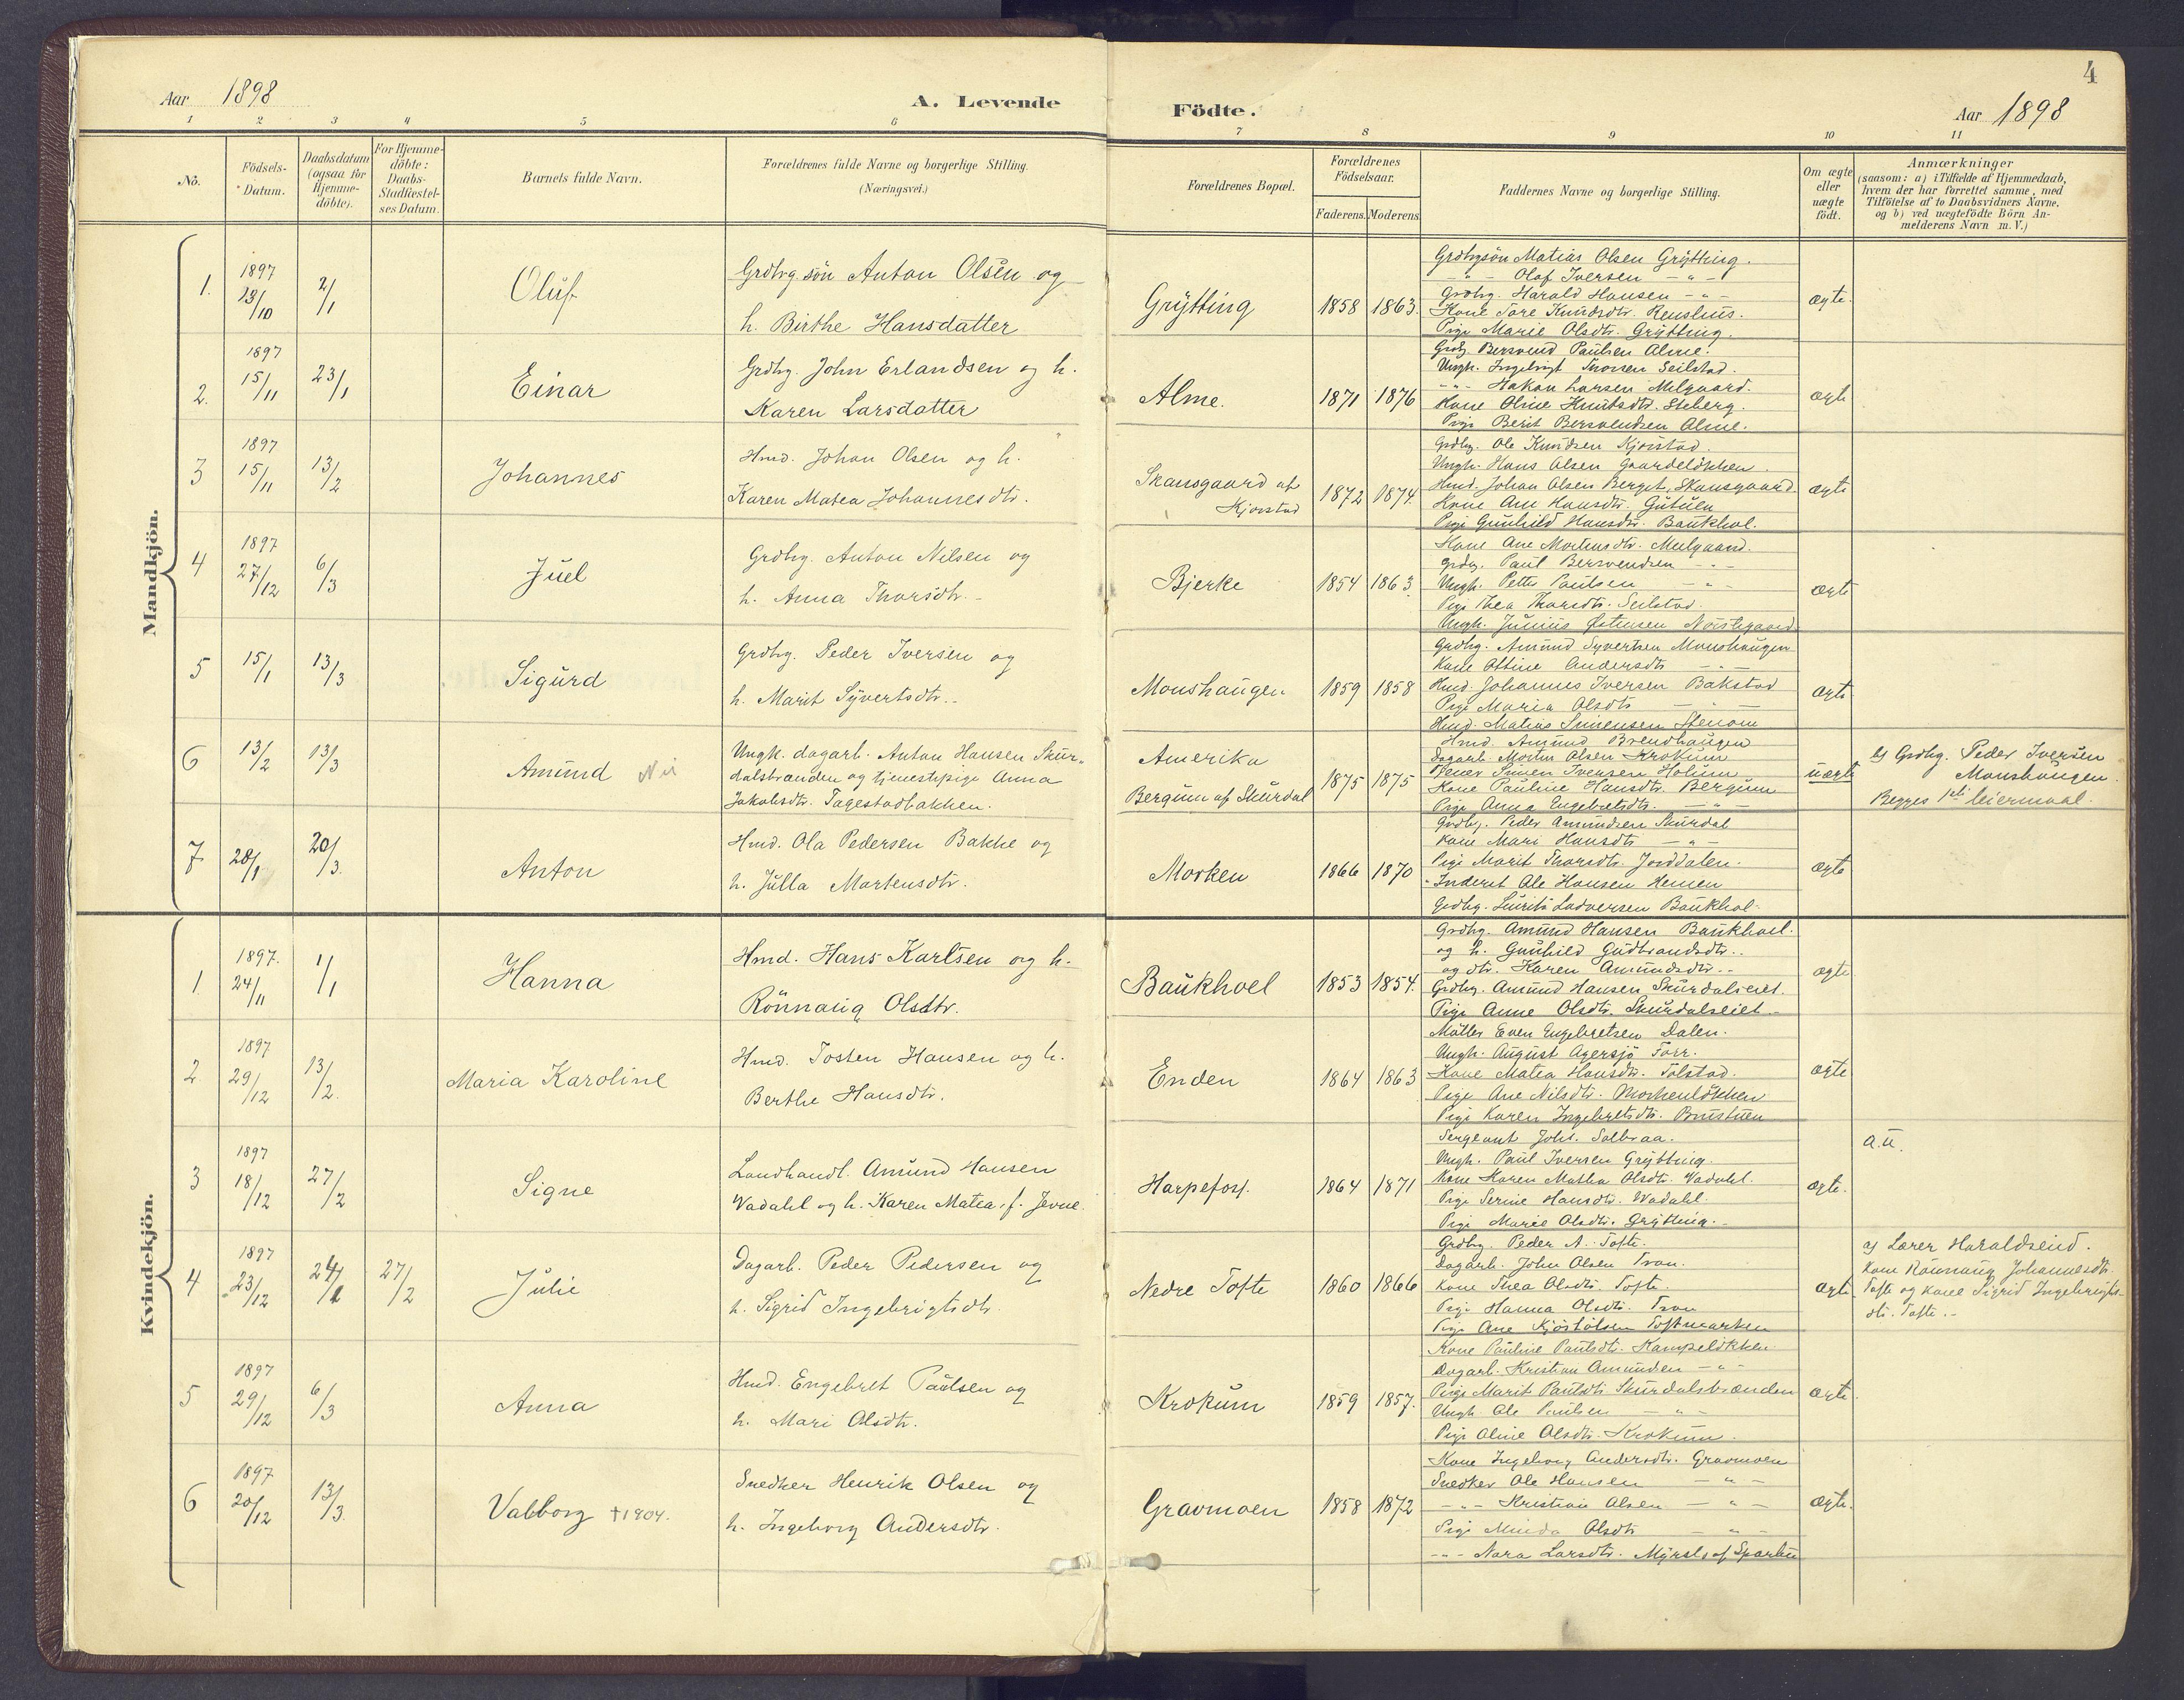 SAH, Sør-Fron prestekontor, H/Ha/Haa/L0004: Parish register (official) no. 4, 1898-1919, p. 4